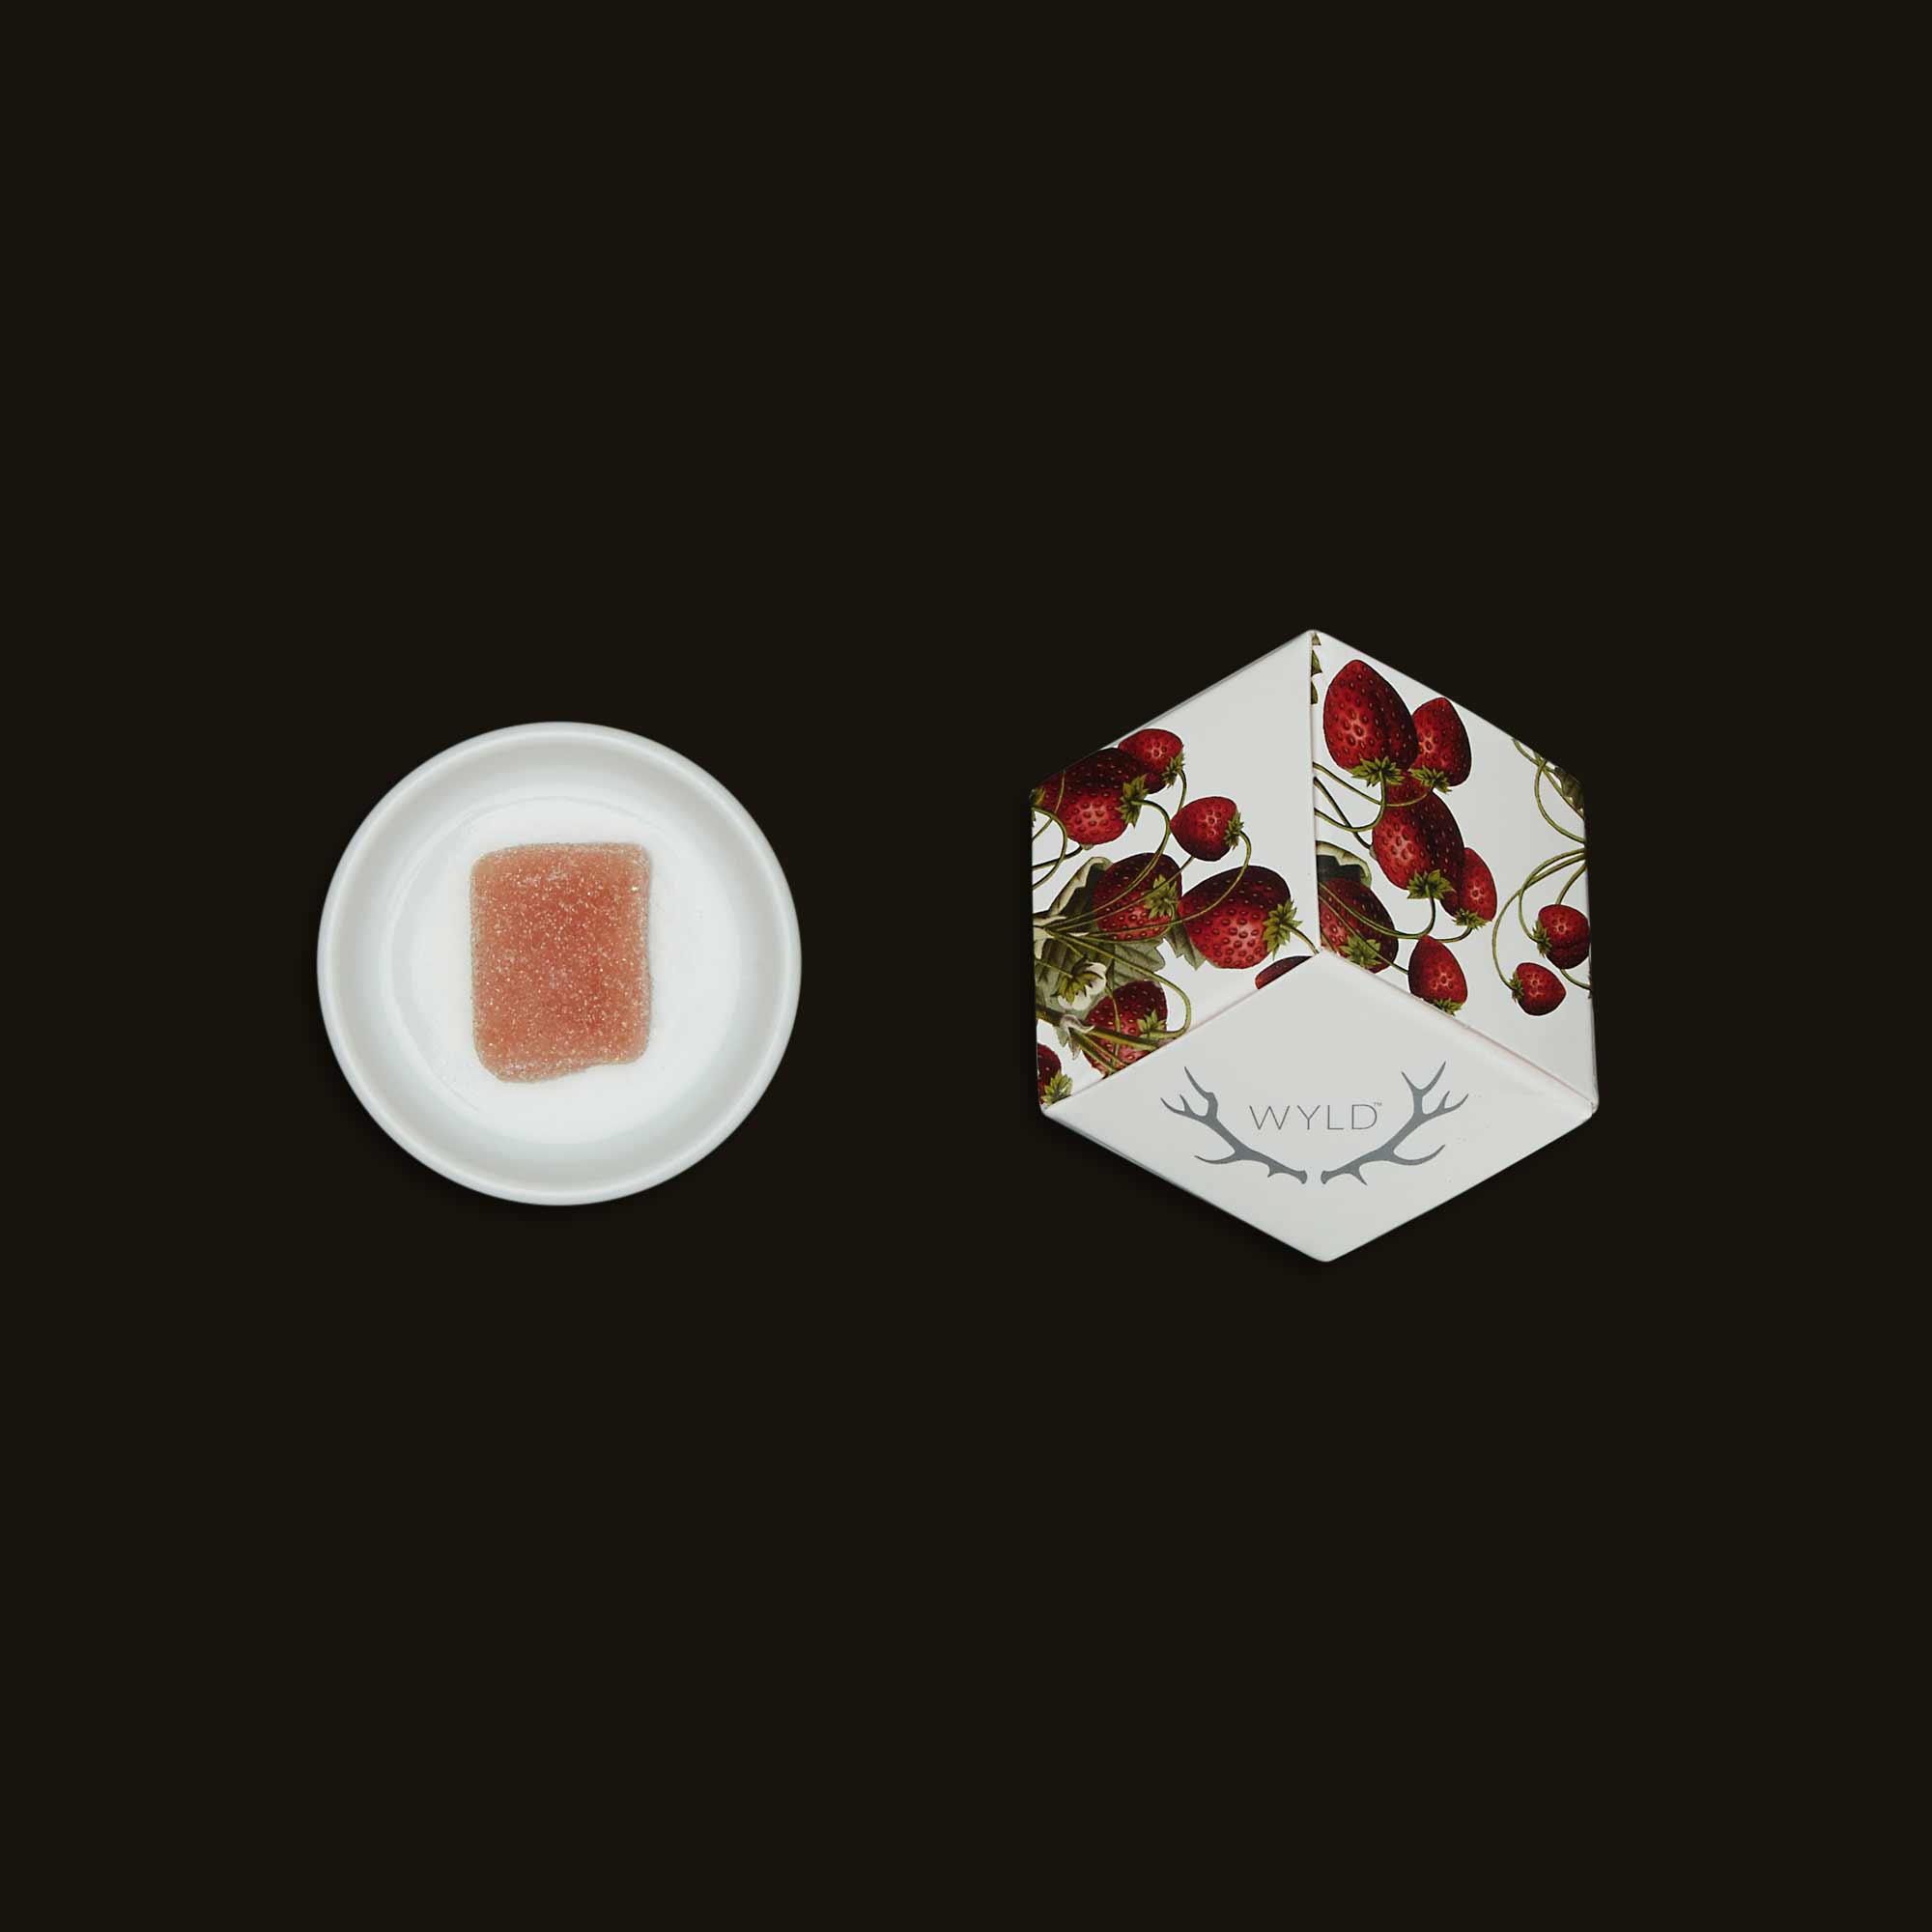 Wyld Strawberry Gummies